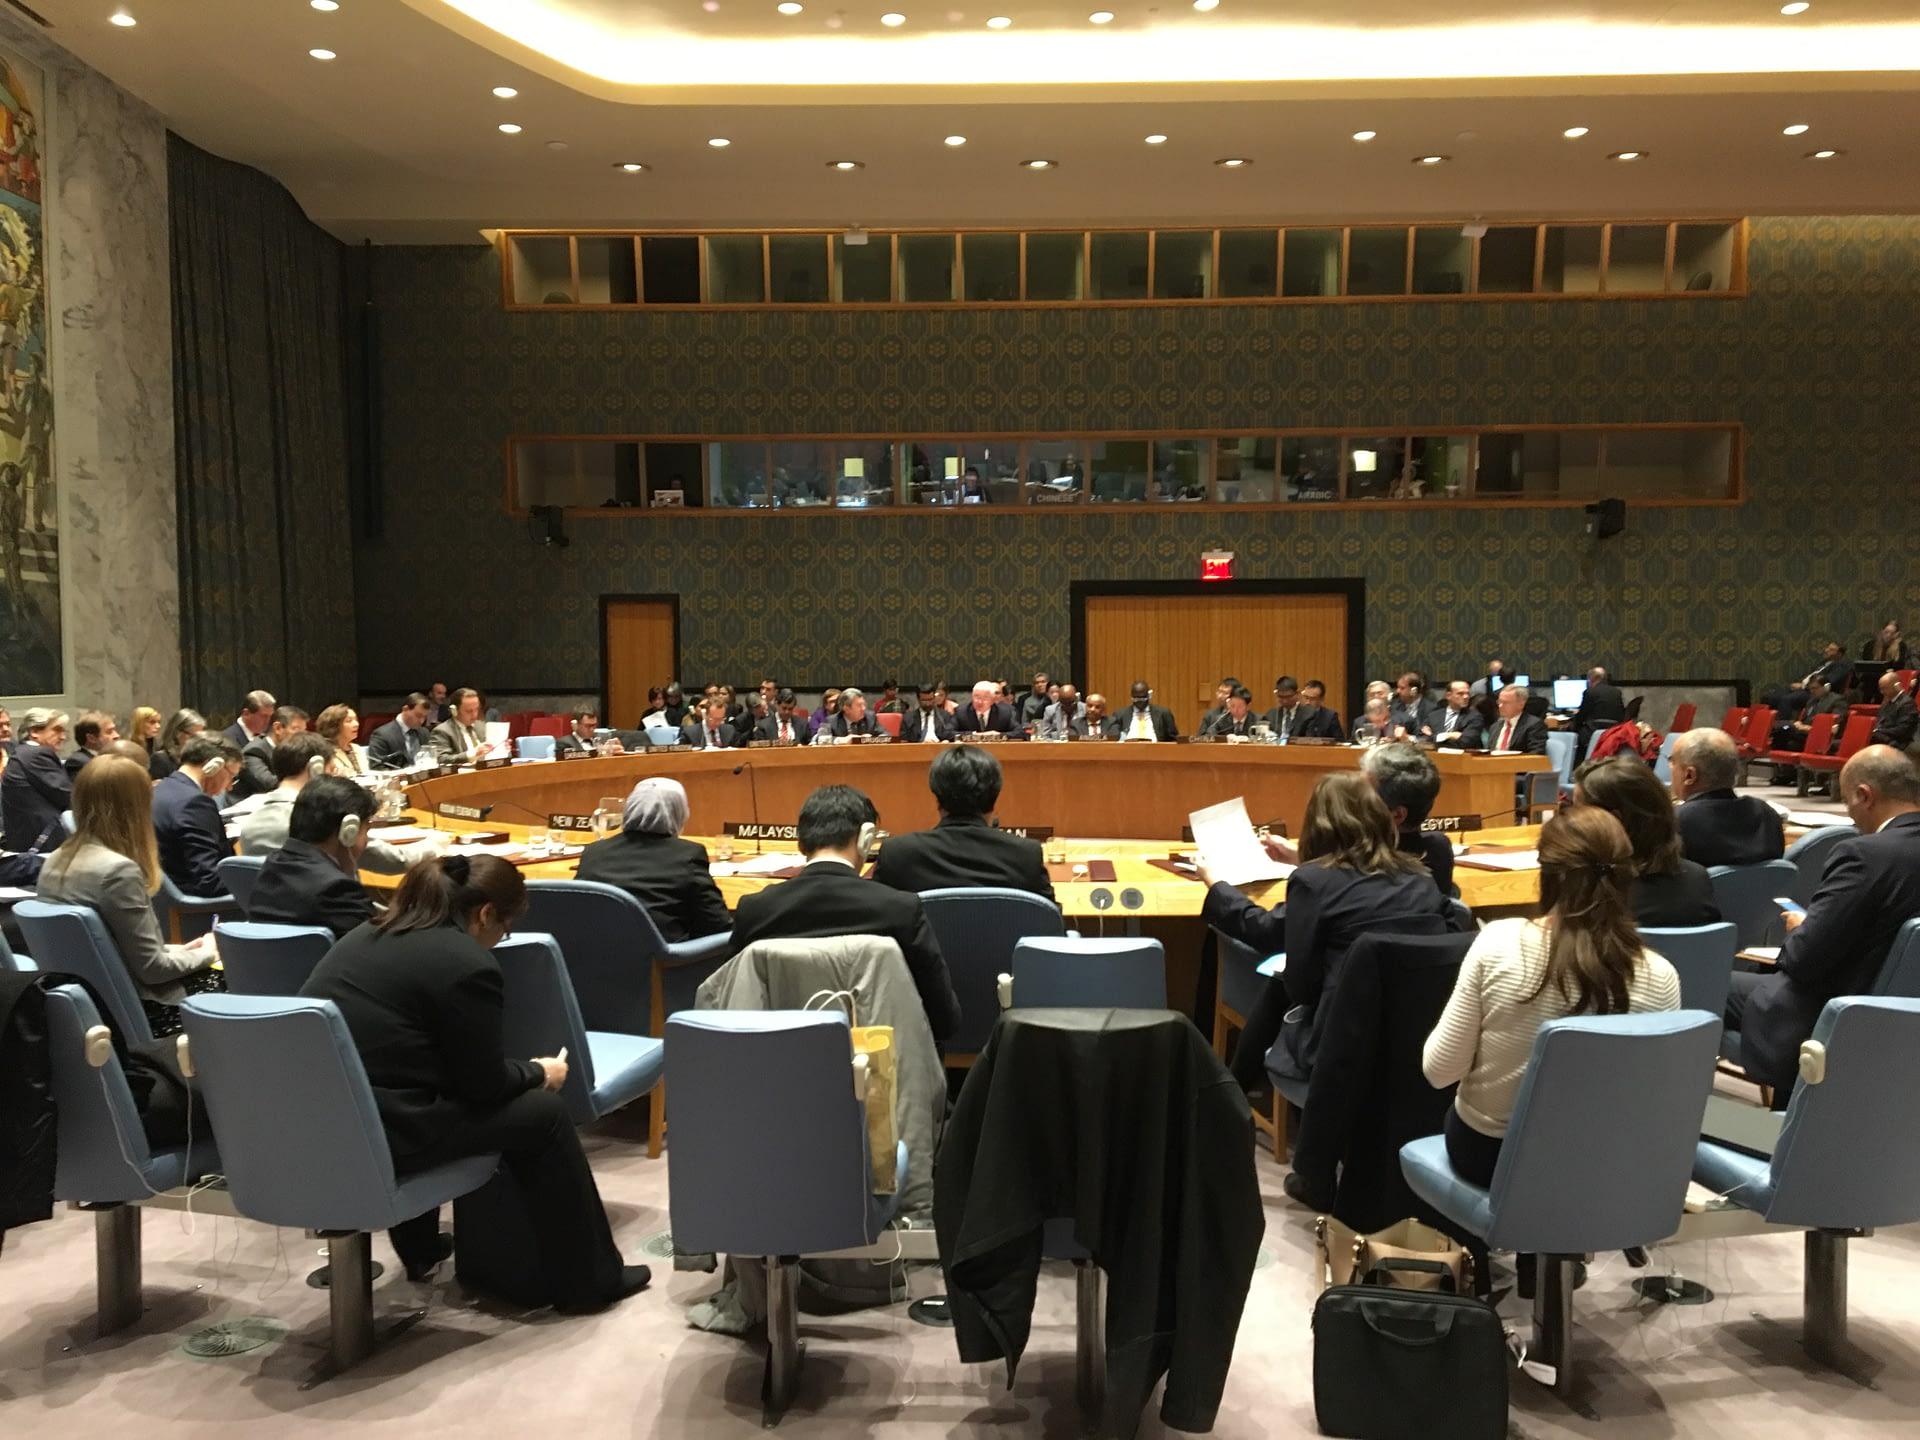 161212 UN Security Council